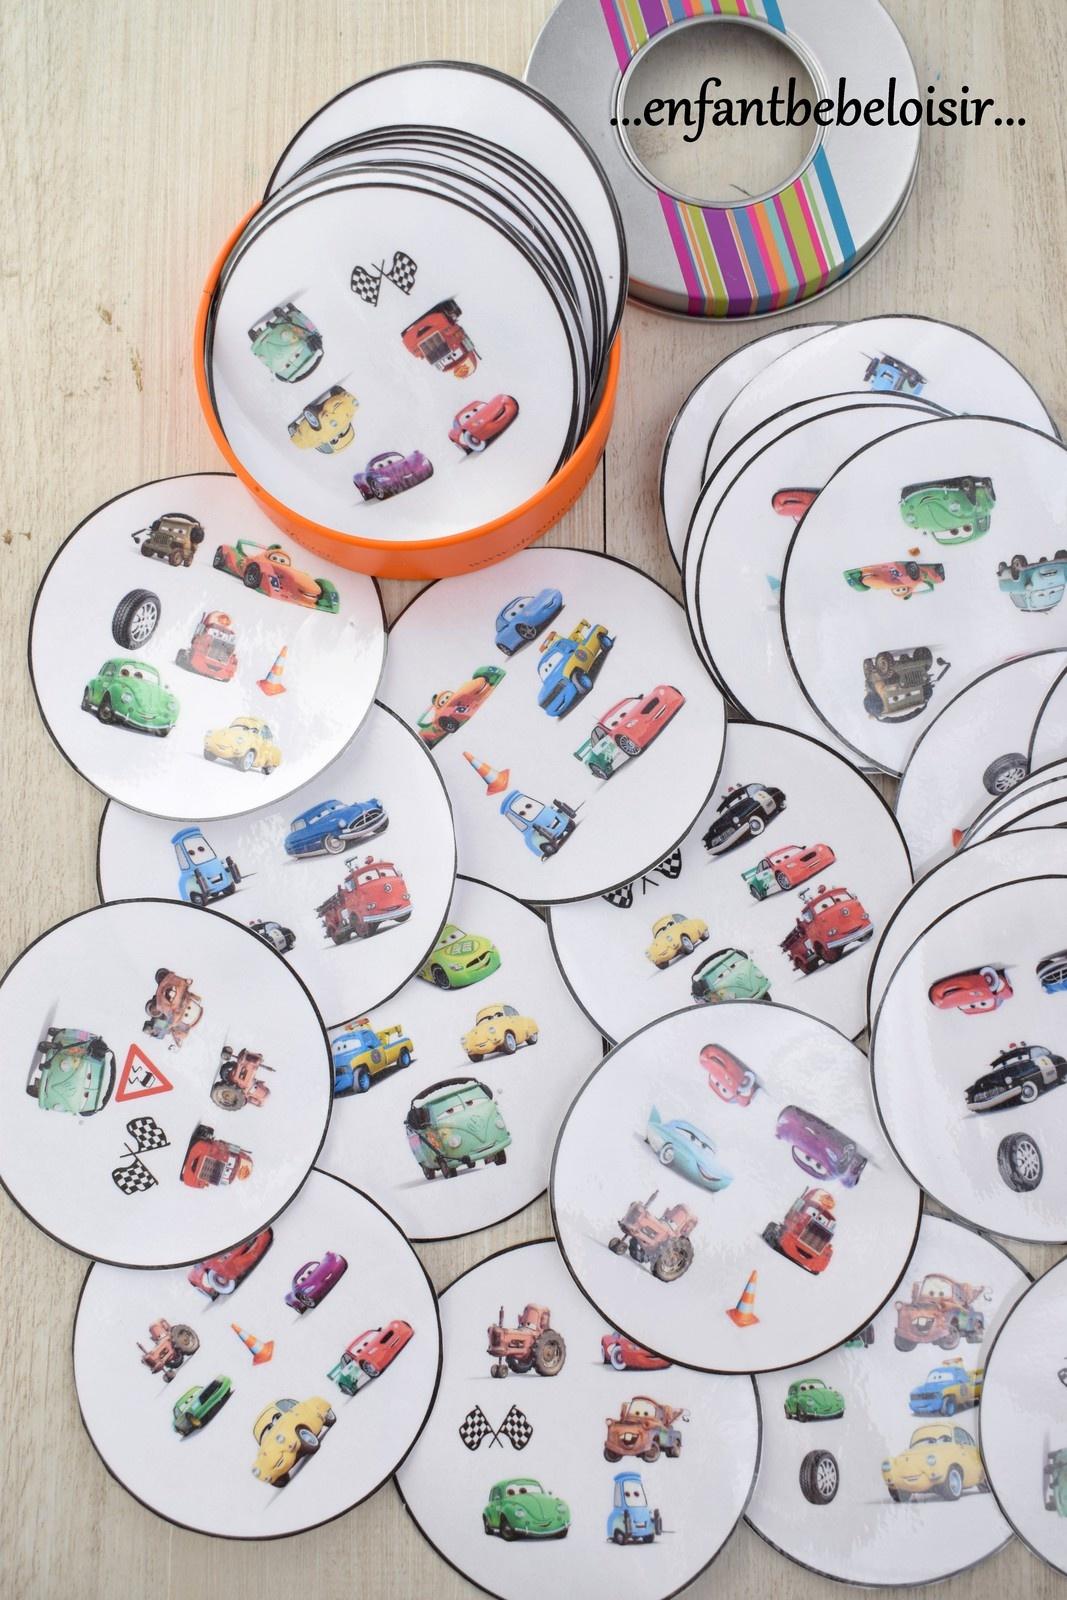 Jeu Dobble Cars Pixar À Imprimer - Gratuit - Enfant Bébé Loisir intérieur Jeux Pour Bebe Gratuit